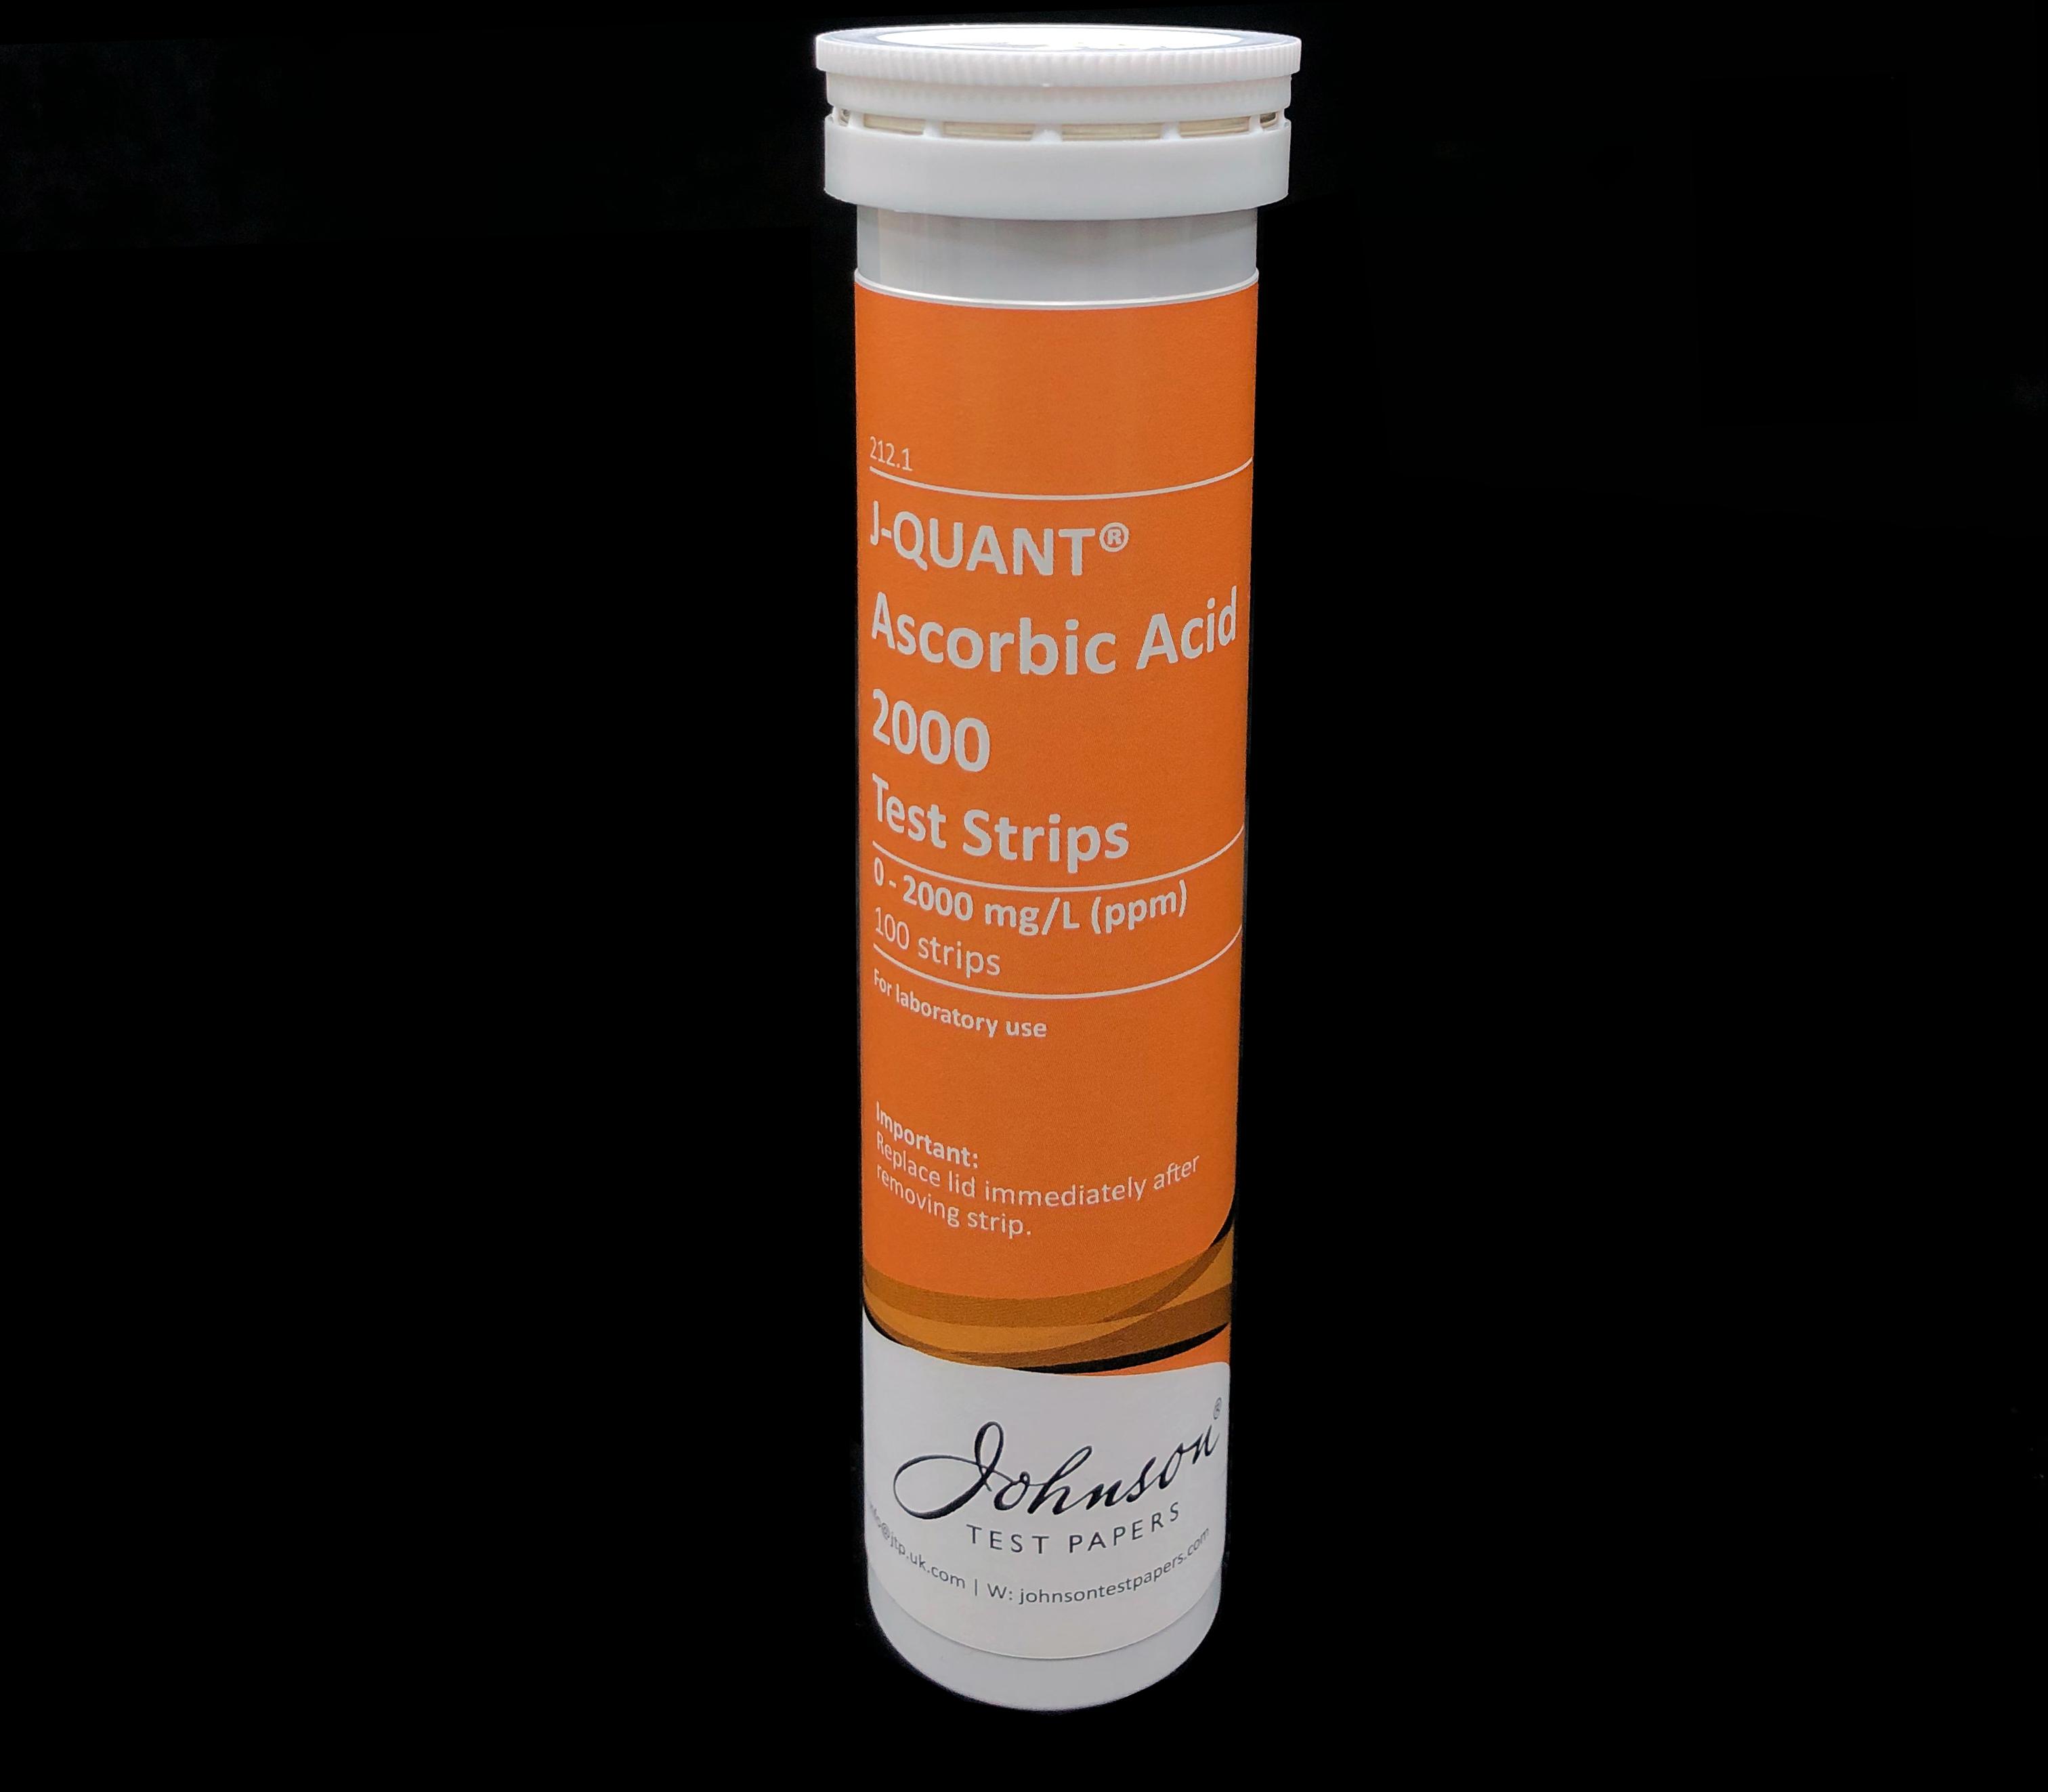 J-QUANT<sup>®</sup> Ascorbic Acid